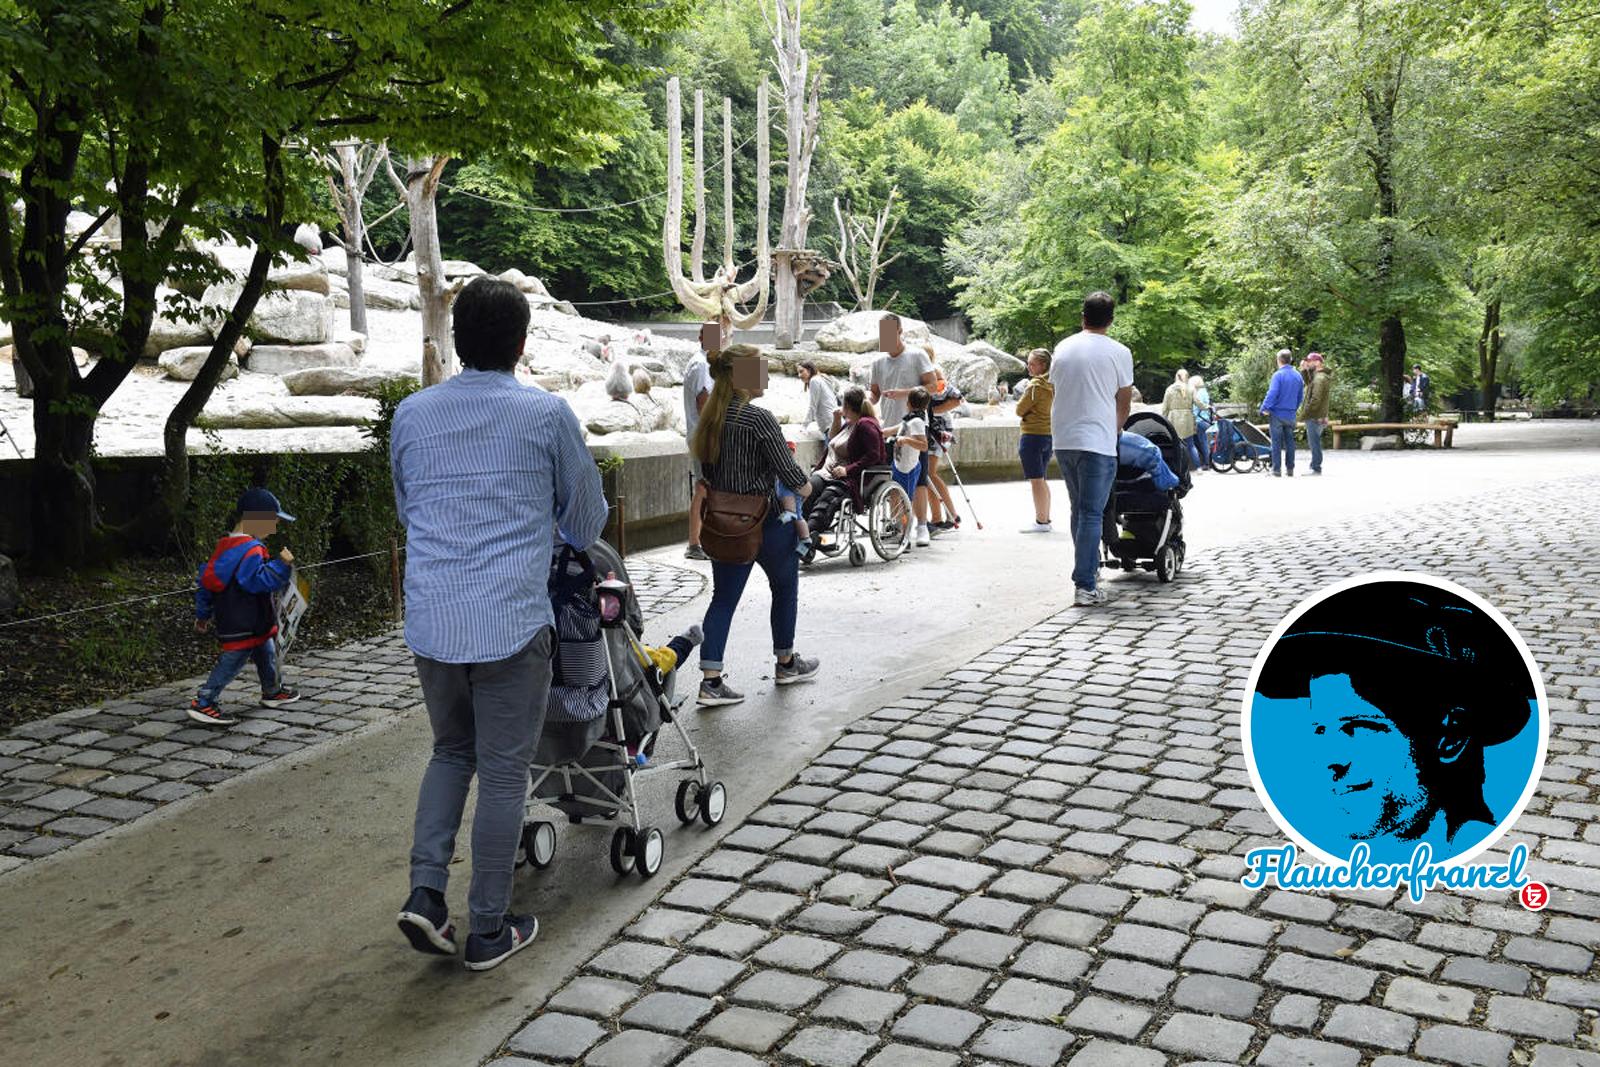 So kann man doch kein Kind nennen! Harte Strafen für Münchner Eltern müssen jetzt folgen